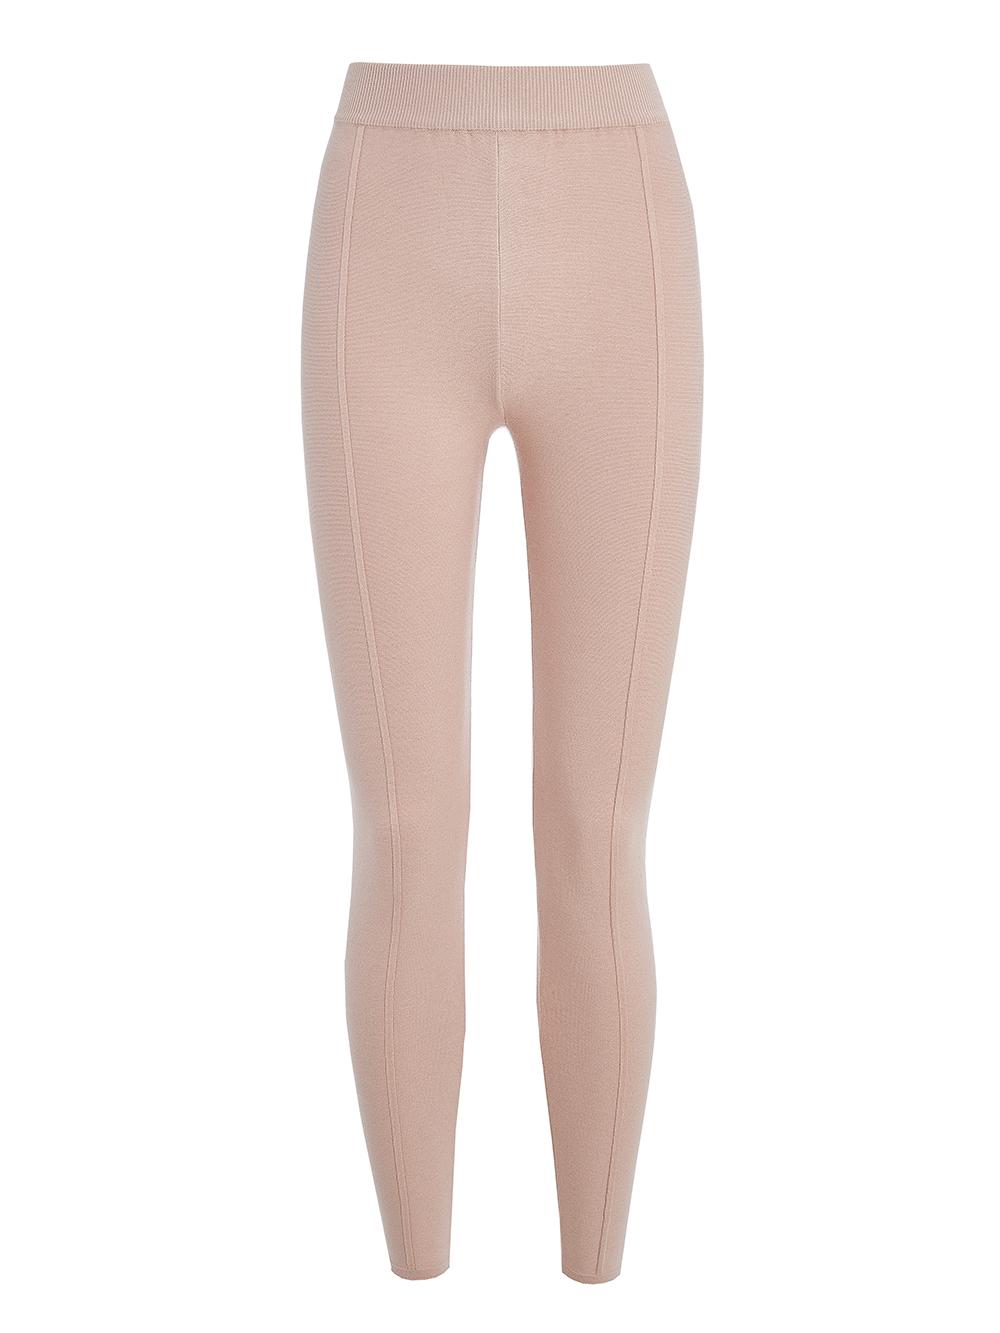 Женские брюки светло-розового цвета с рельефными полосками из вискозы - фото 1